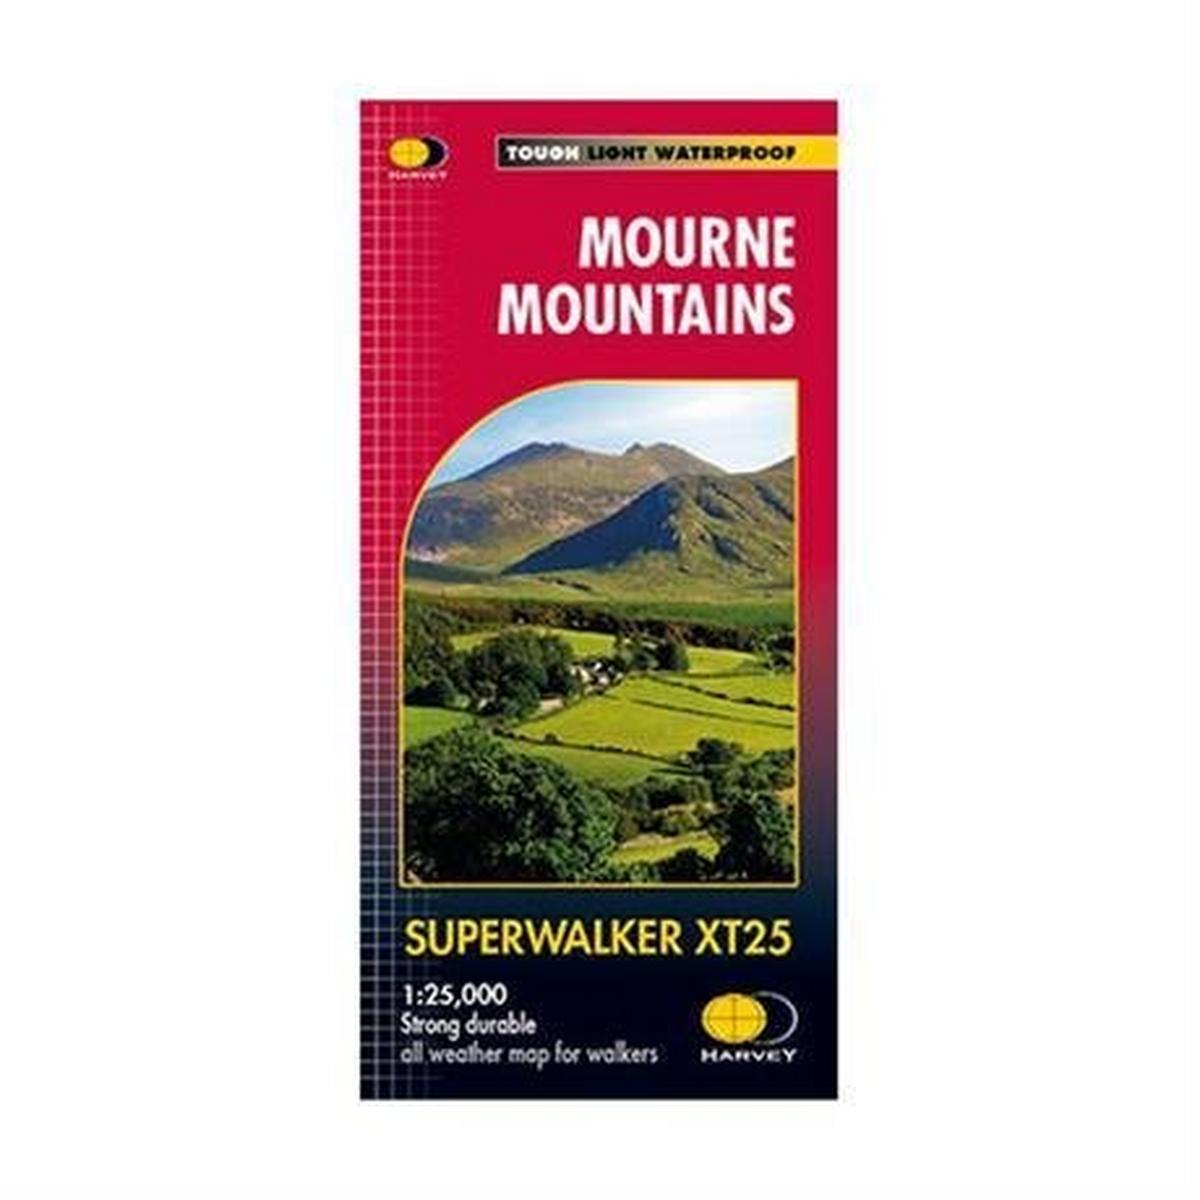 Harveys Harvey Map - Superwalker XT25: Mourne Mountains